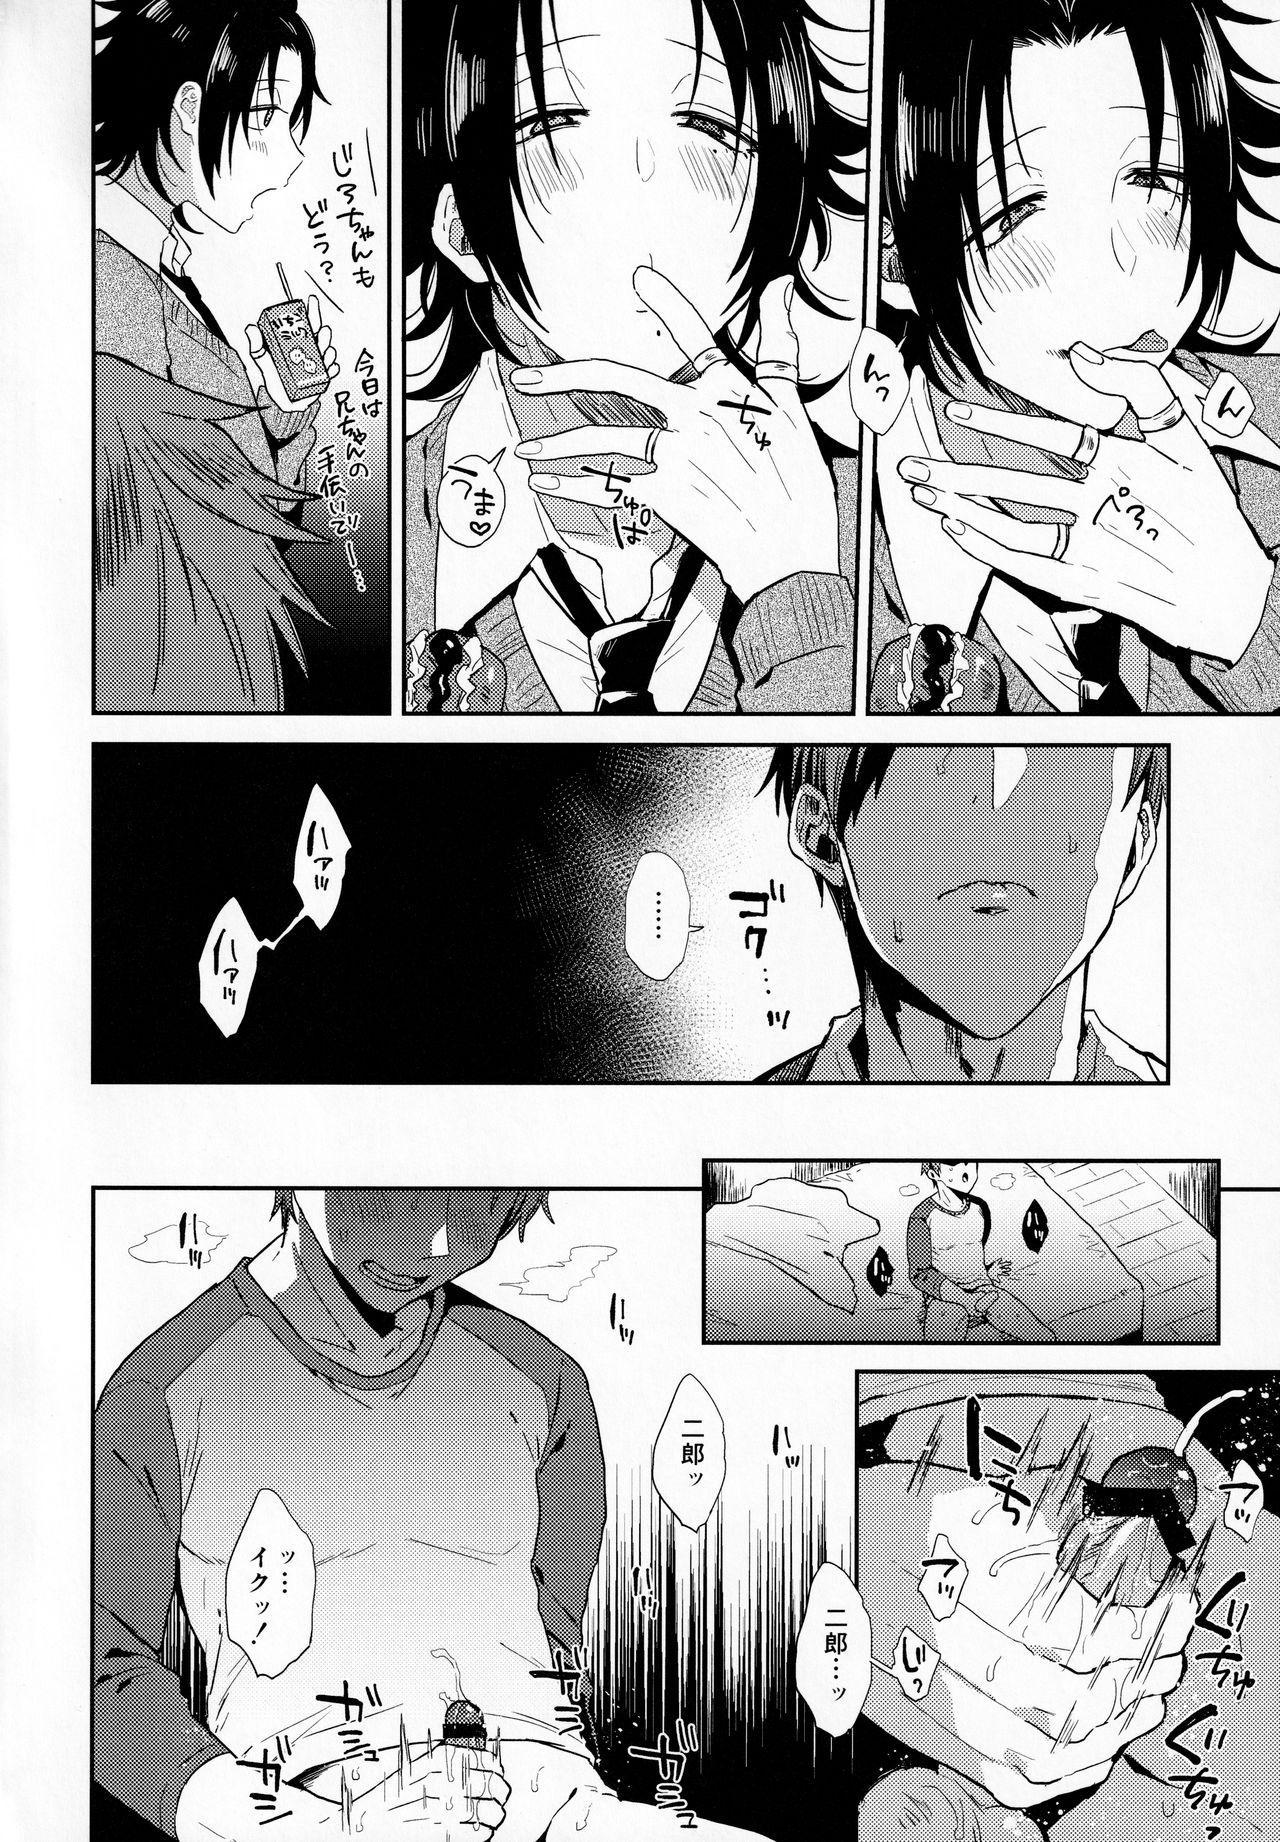 Dachi no Jirou o Kanojo ni Shite Icharabu Sex 2